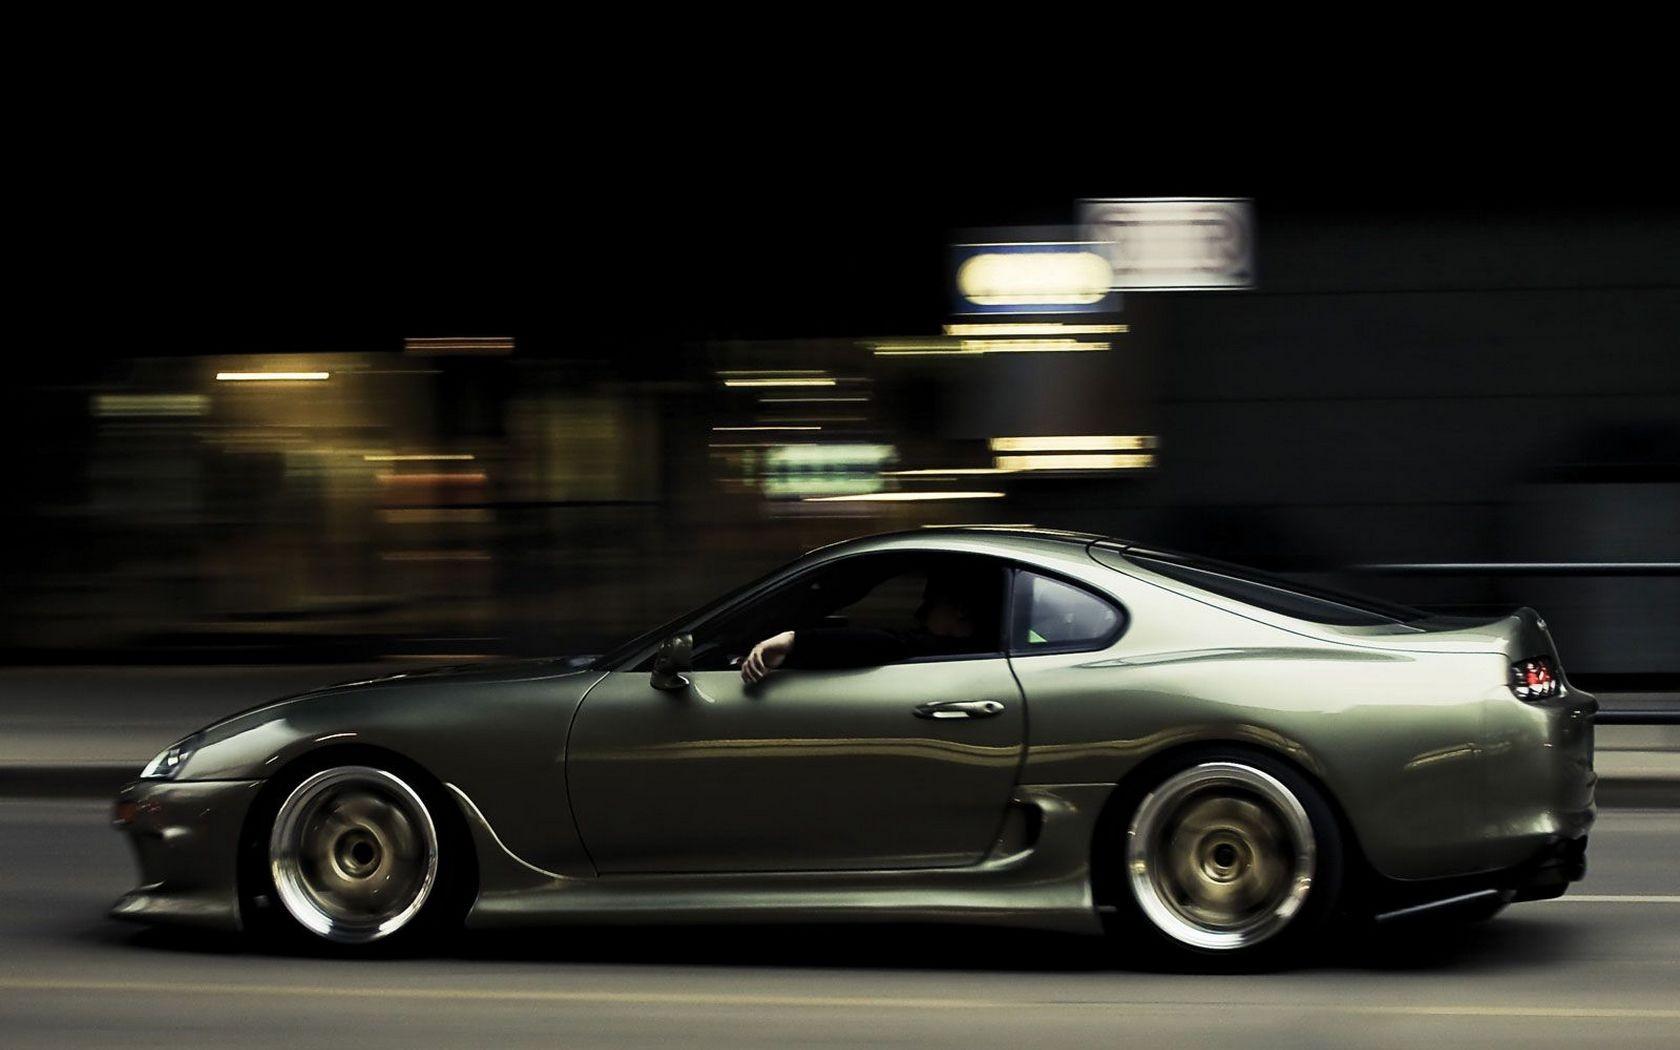 Toyota Supra Wallpaper Iphone Supra Wallpapers Group 84